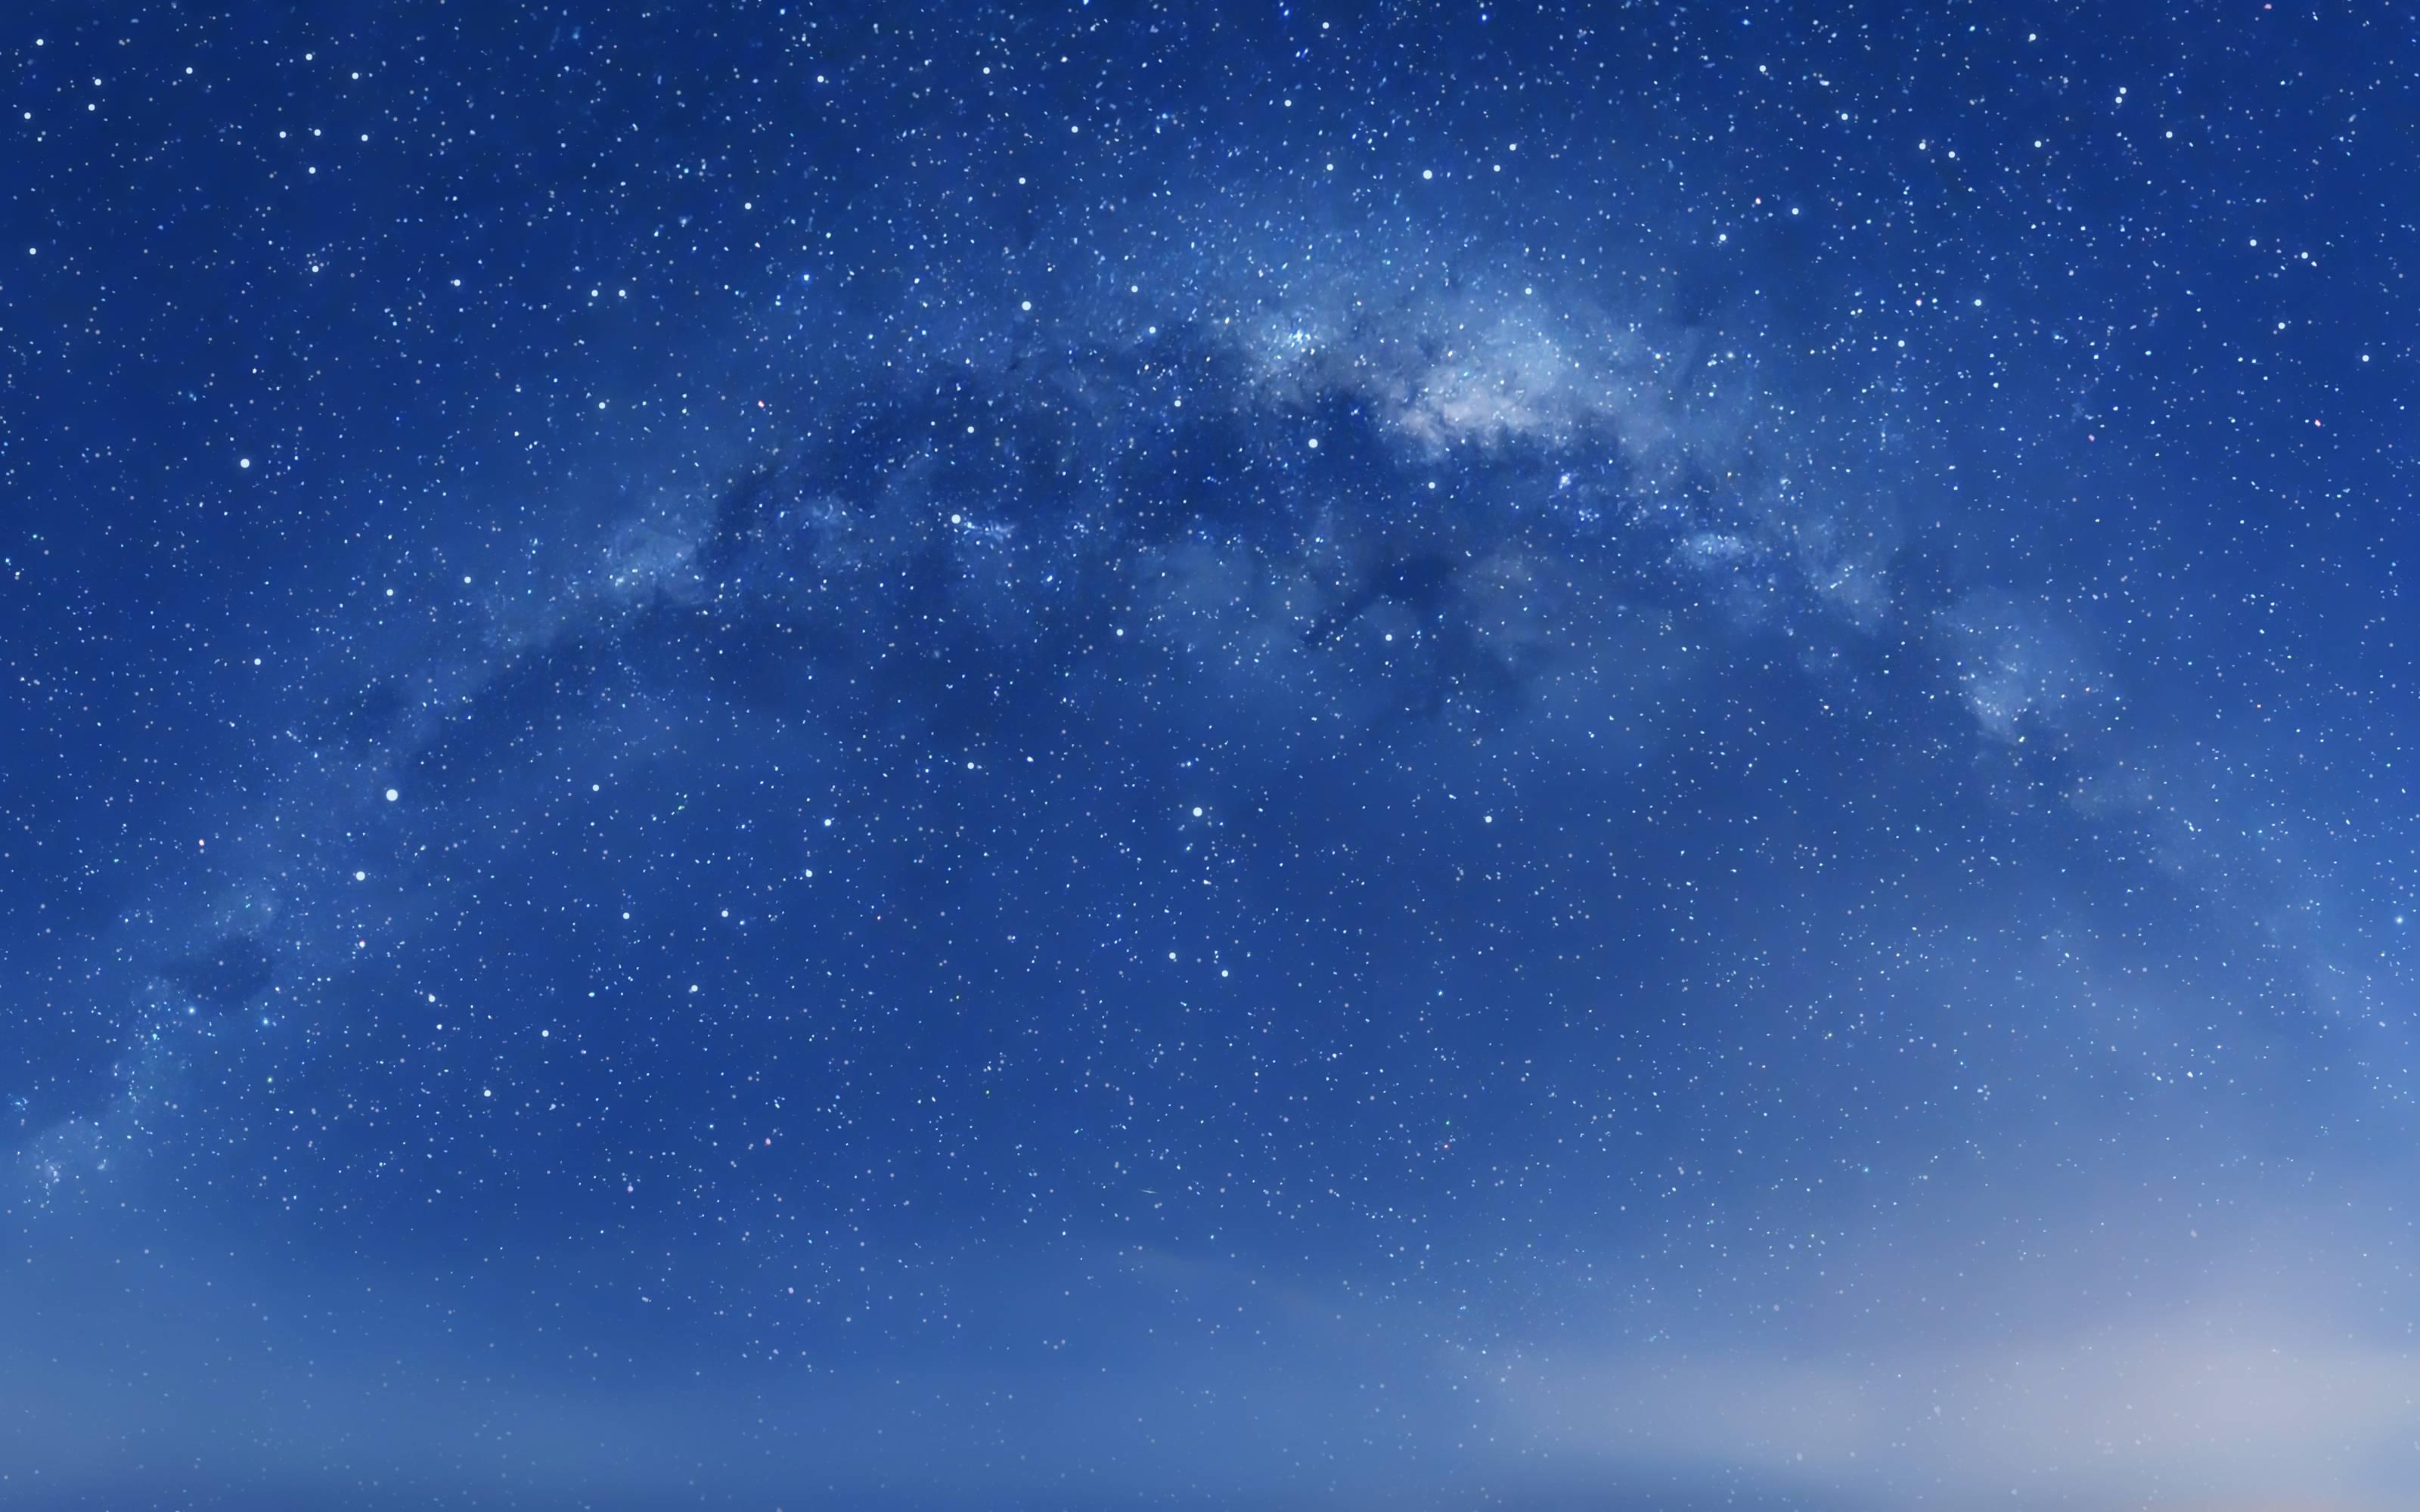 Milky Way 3200x2000